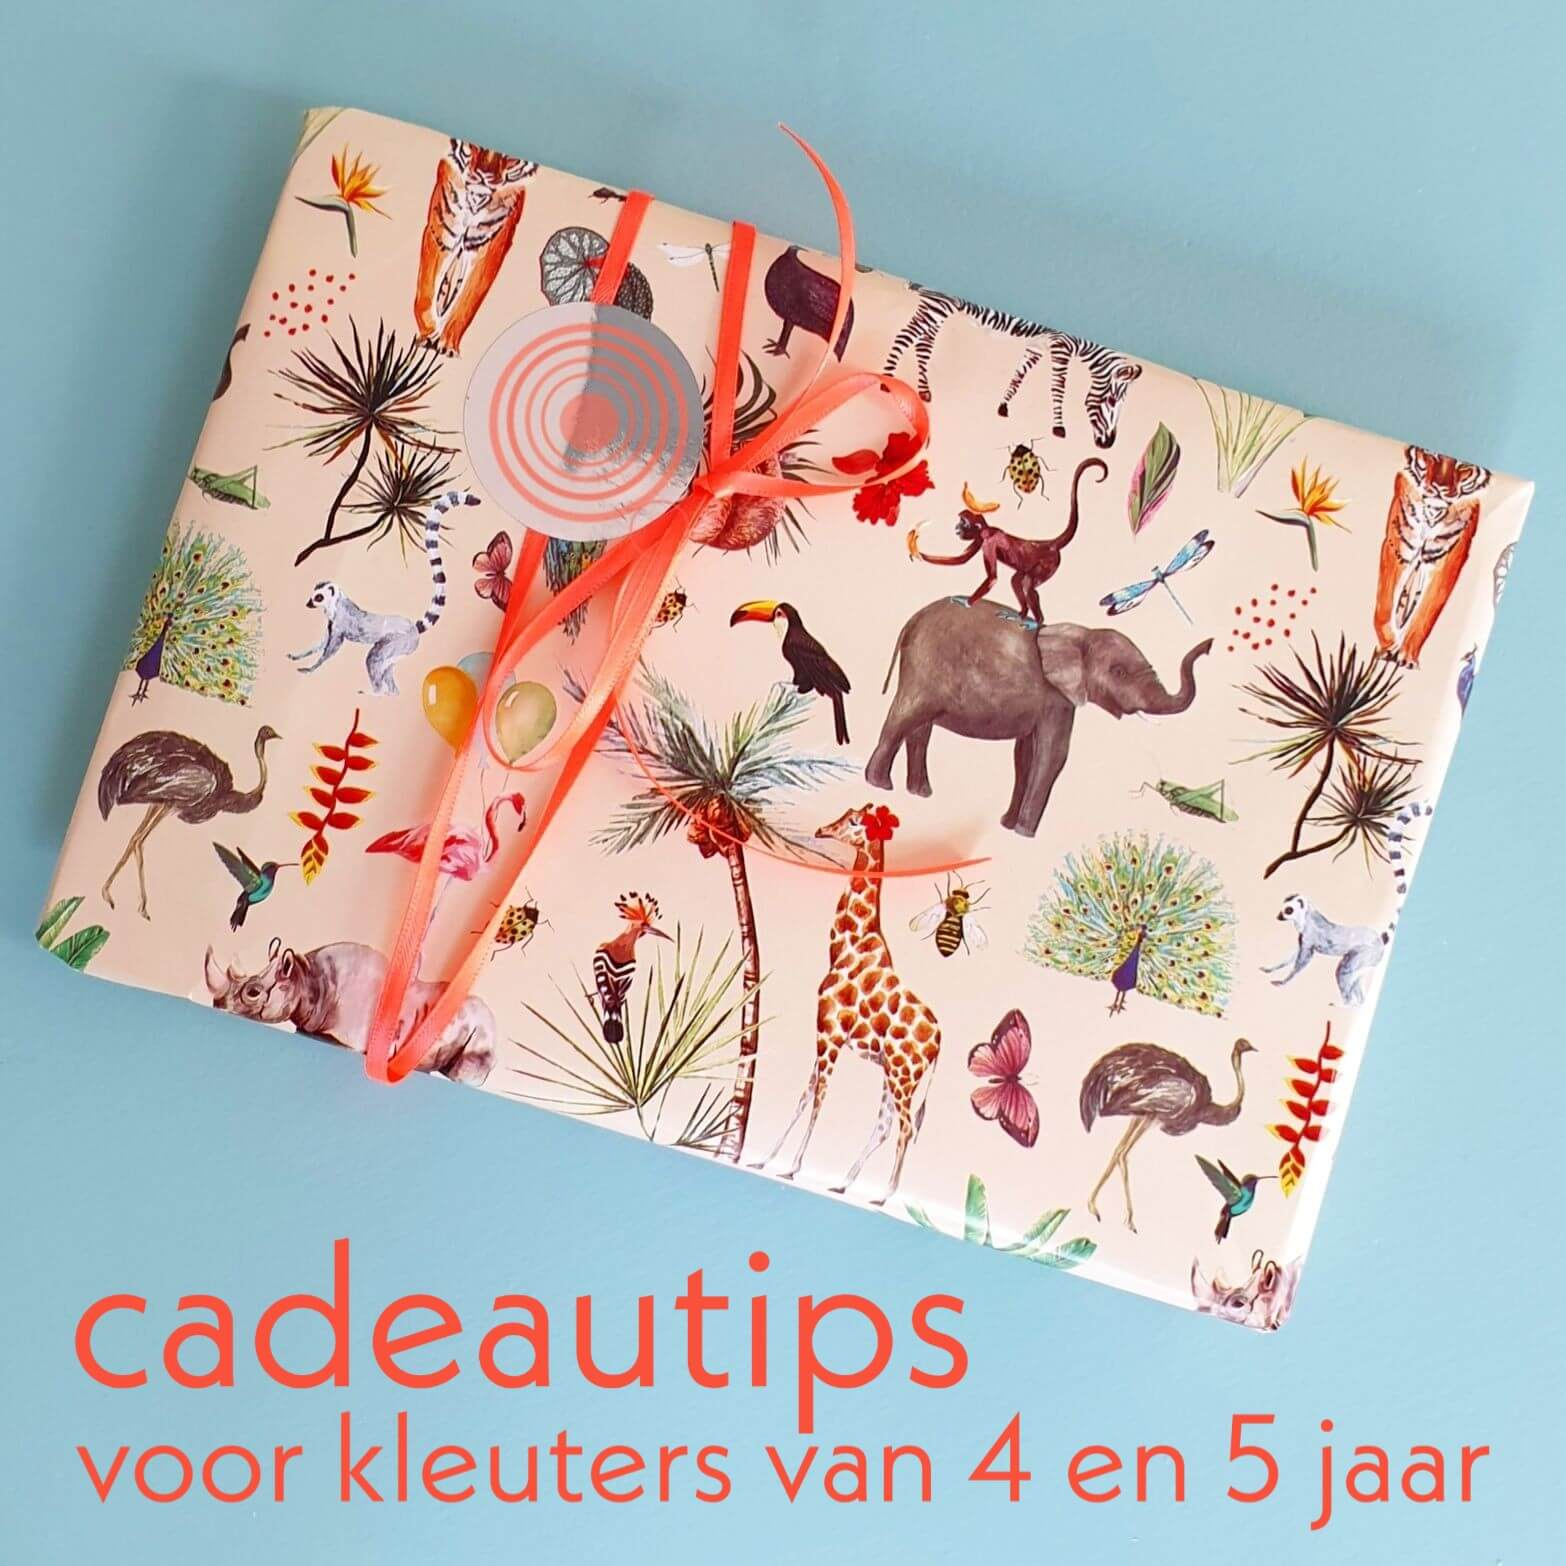 Verjaardagscadeau voor kids van 4 jaar of 5 jaar leuke cadeau tips voor kleuters